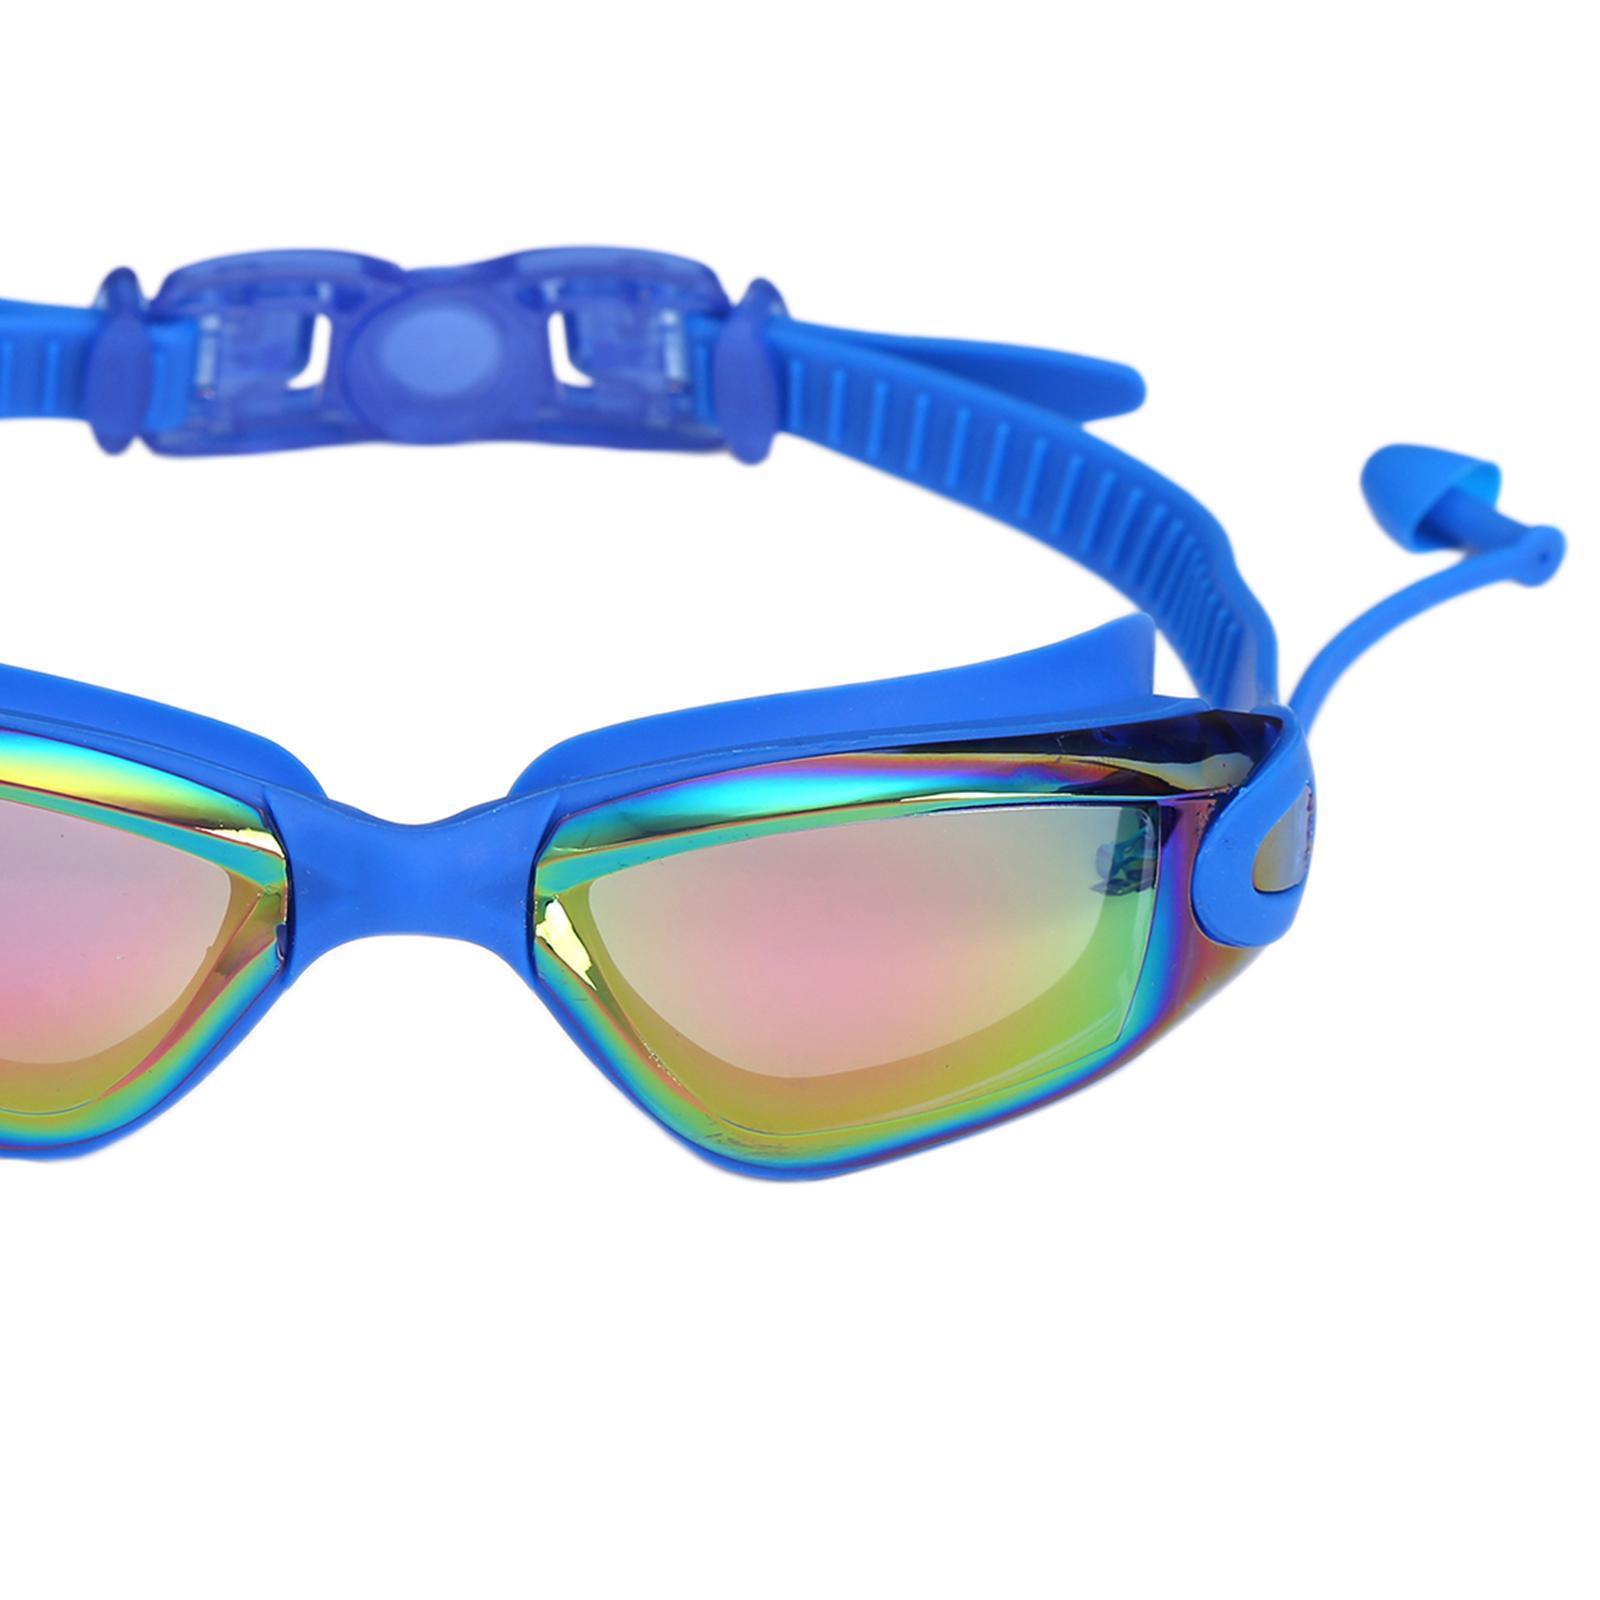 miniatura 13 - Occhialini da nuoto, protezione UV Occhialini da nuoto anti-appannamento Unisex